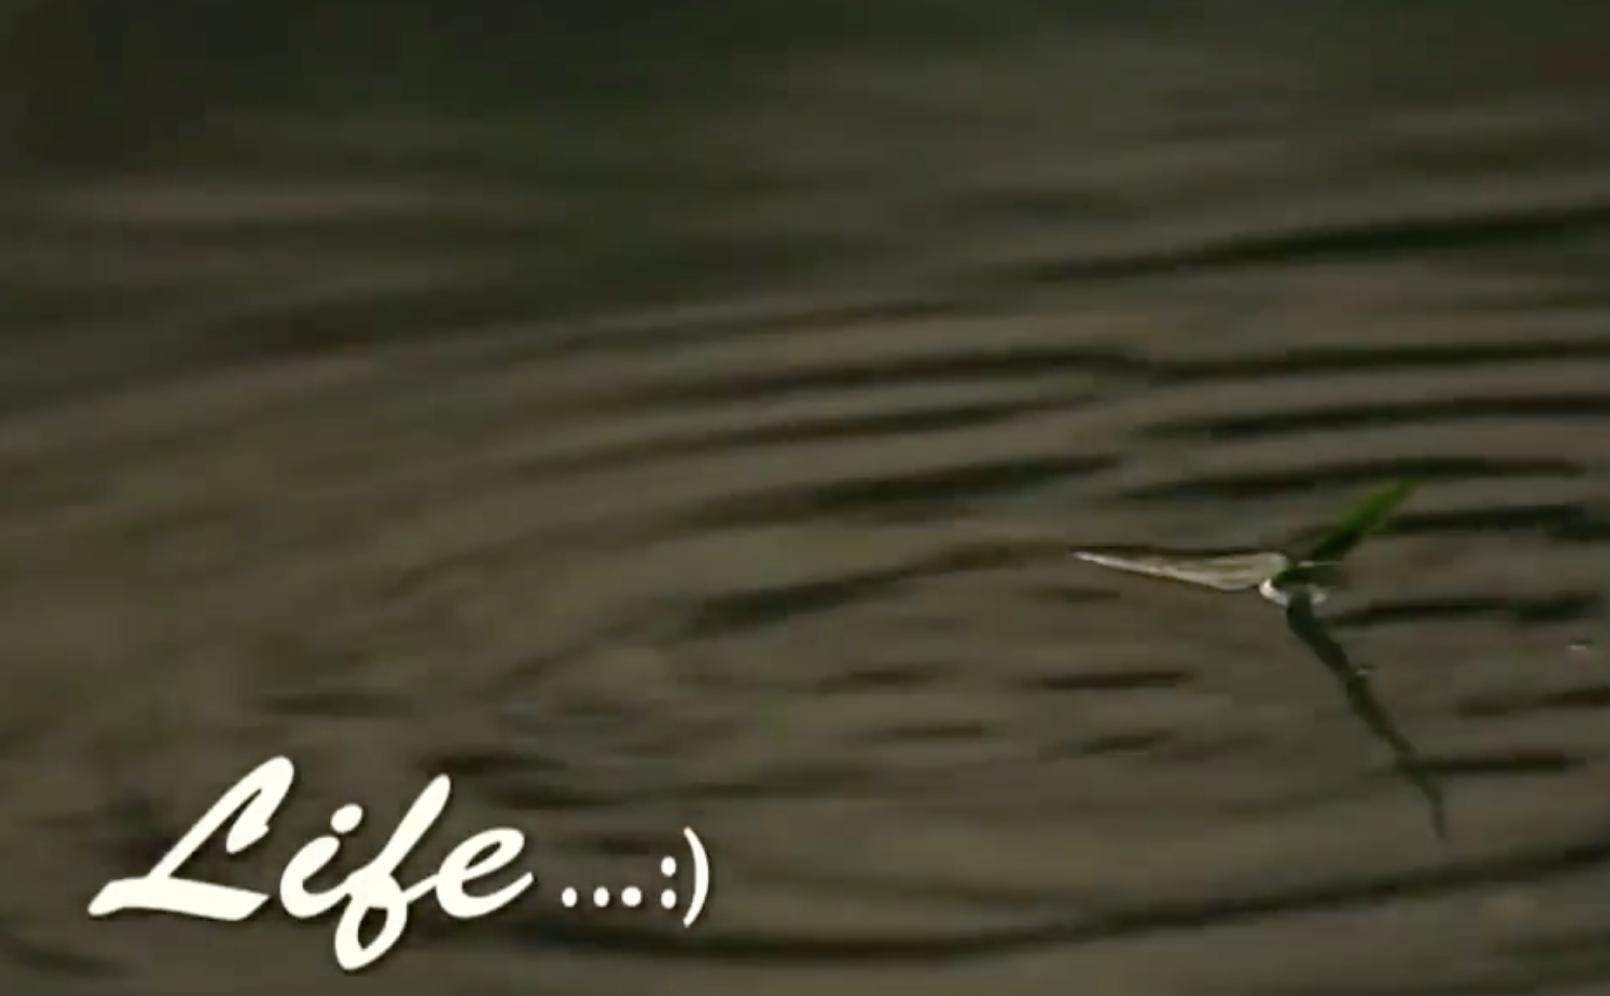 Screenshot from movie